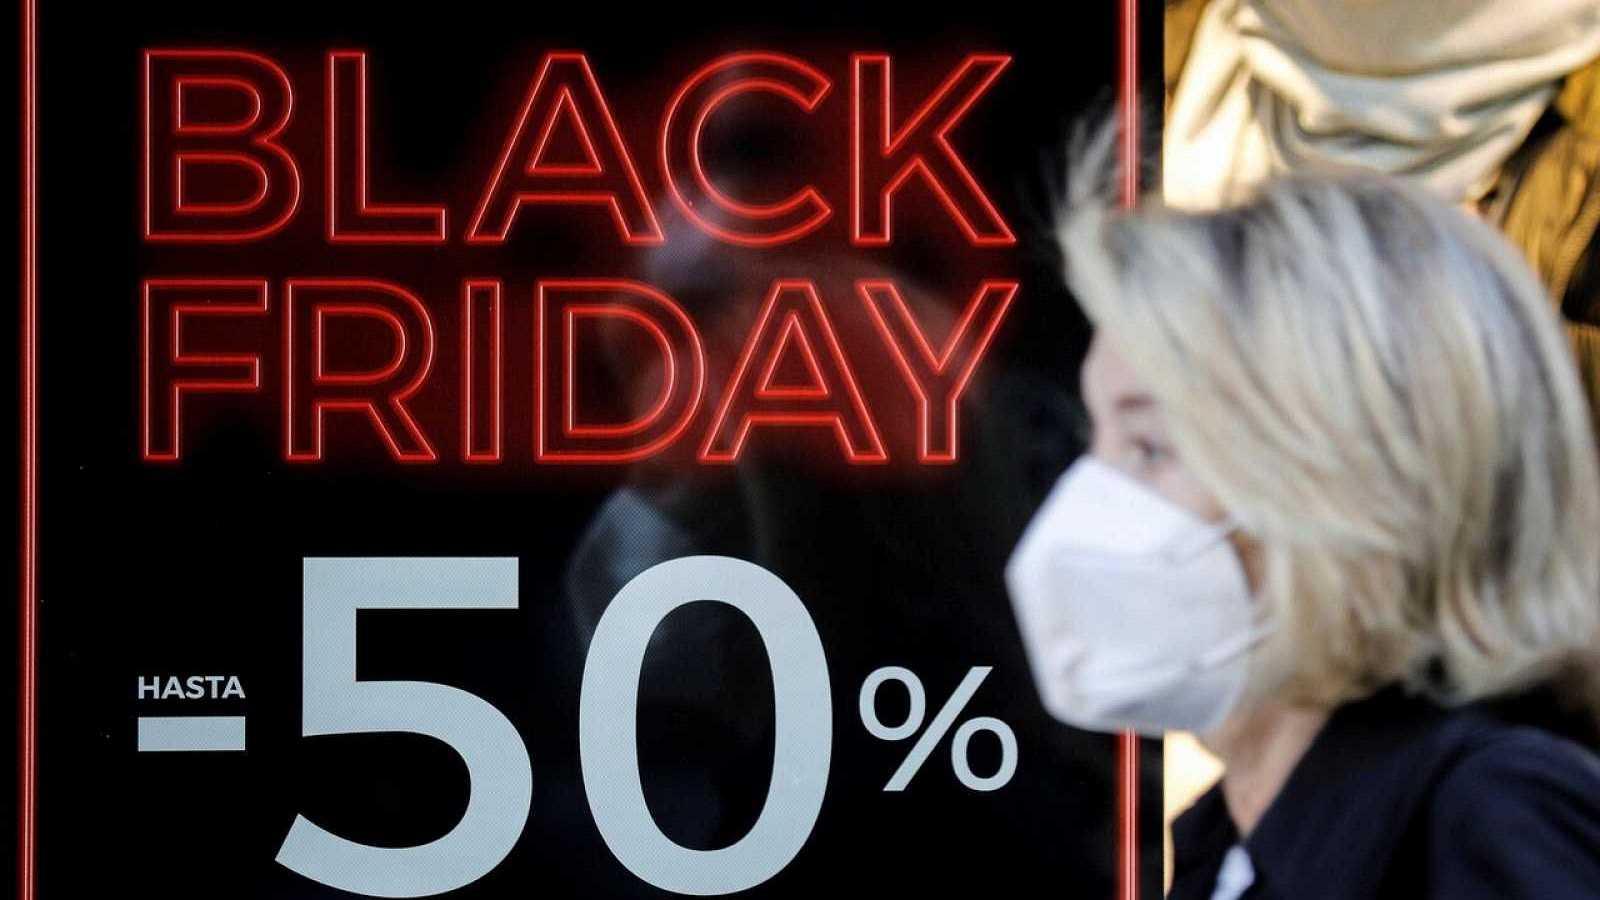 Más cerca - El Black Friday más digital, pero con menor gasto - Escuchar ahora